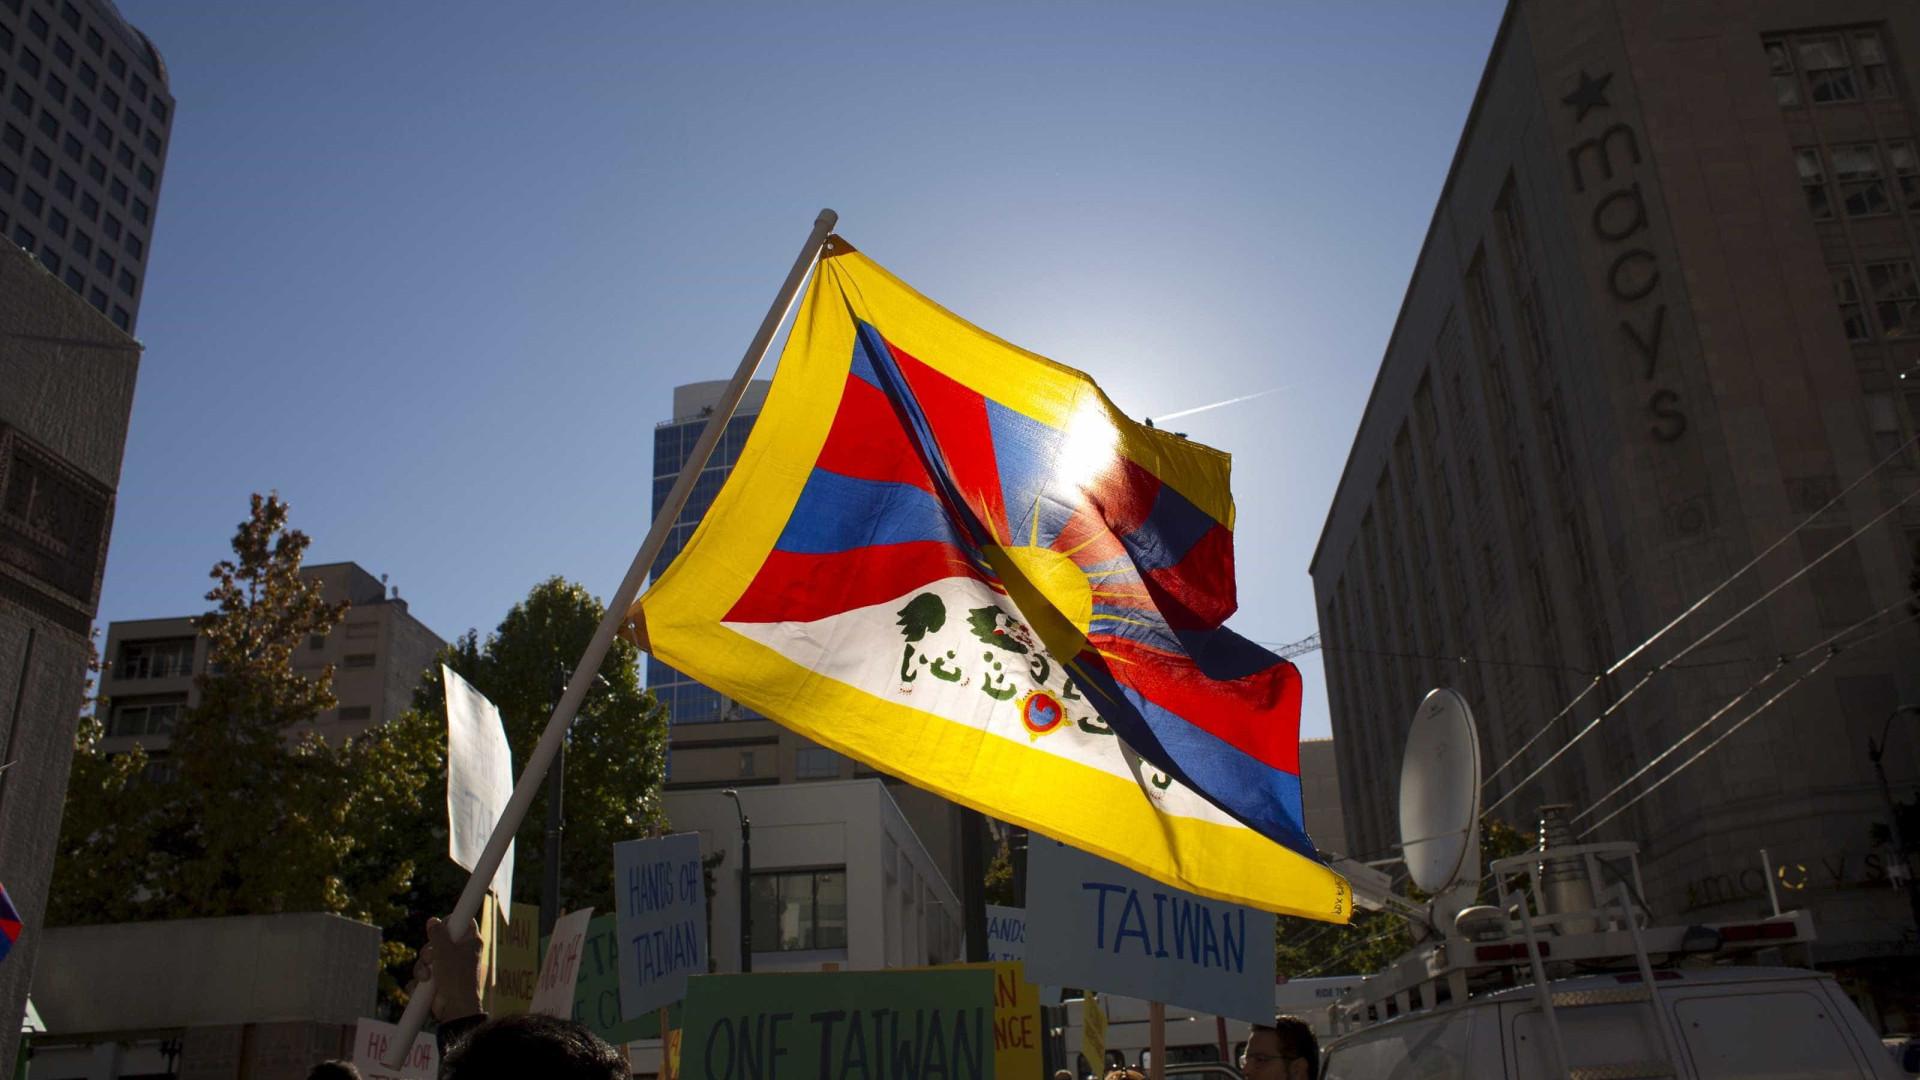 ONG quer peritos a avaliar repressão sobre dissidentes no Tibete